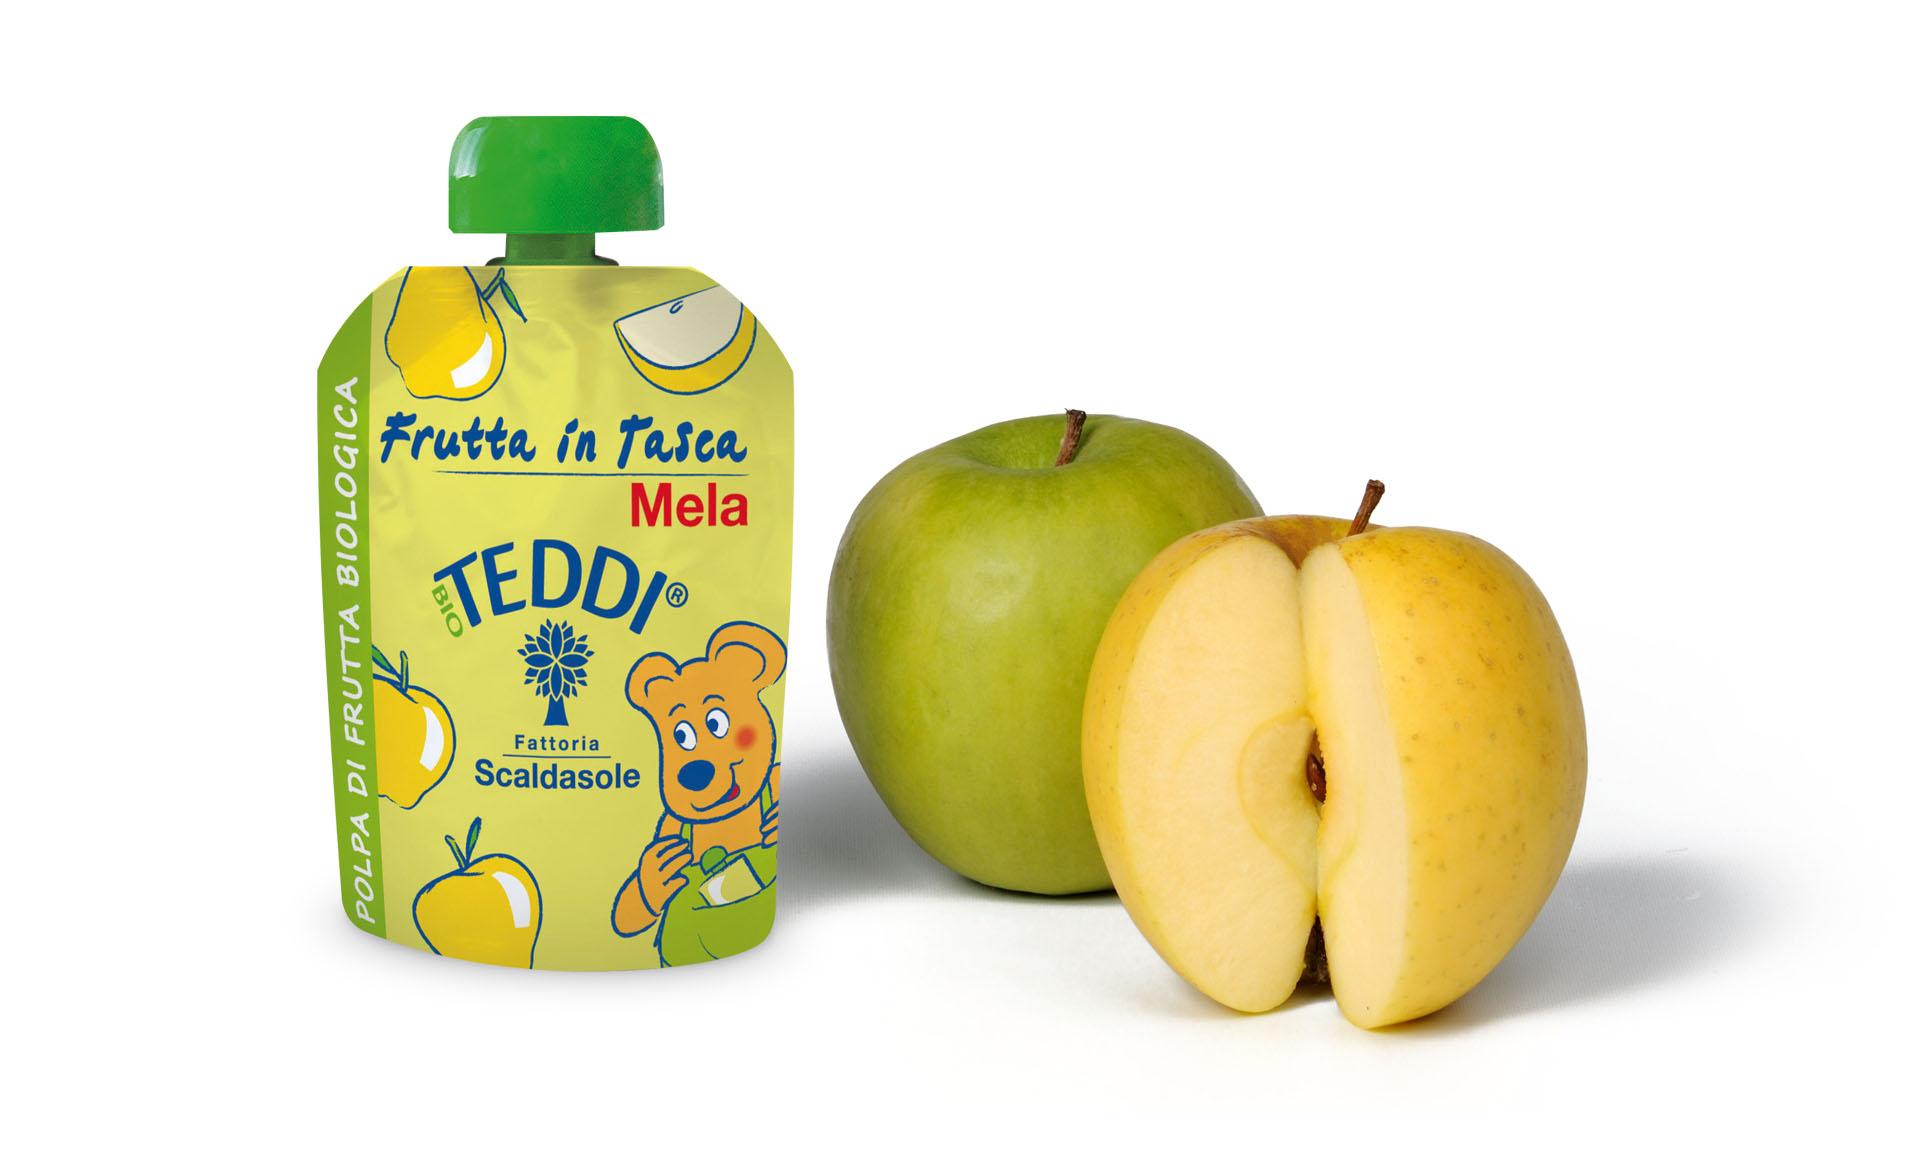 Frutta in Tasca bio by Fattoria Scaldasole